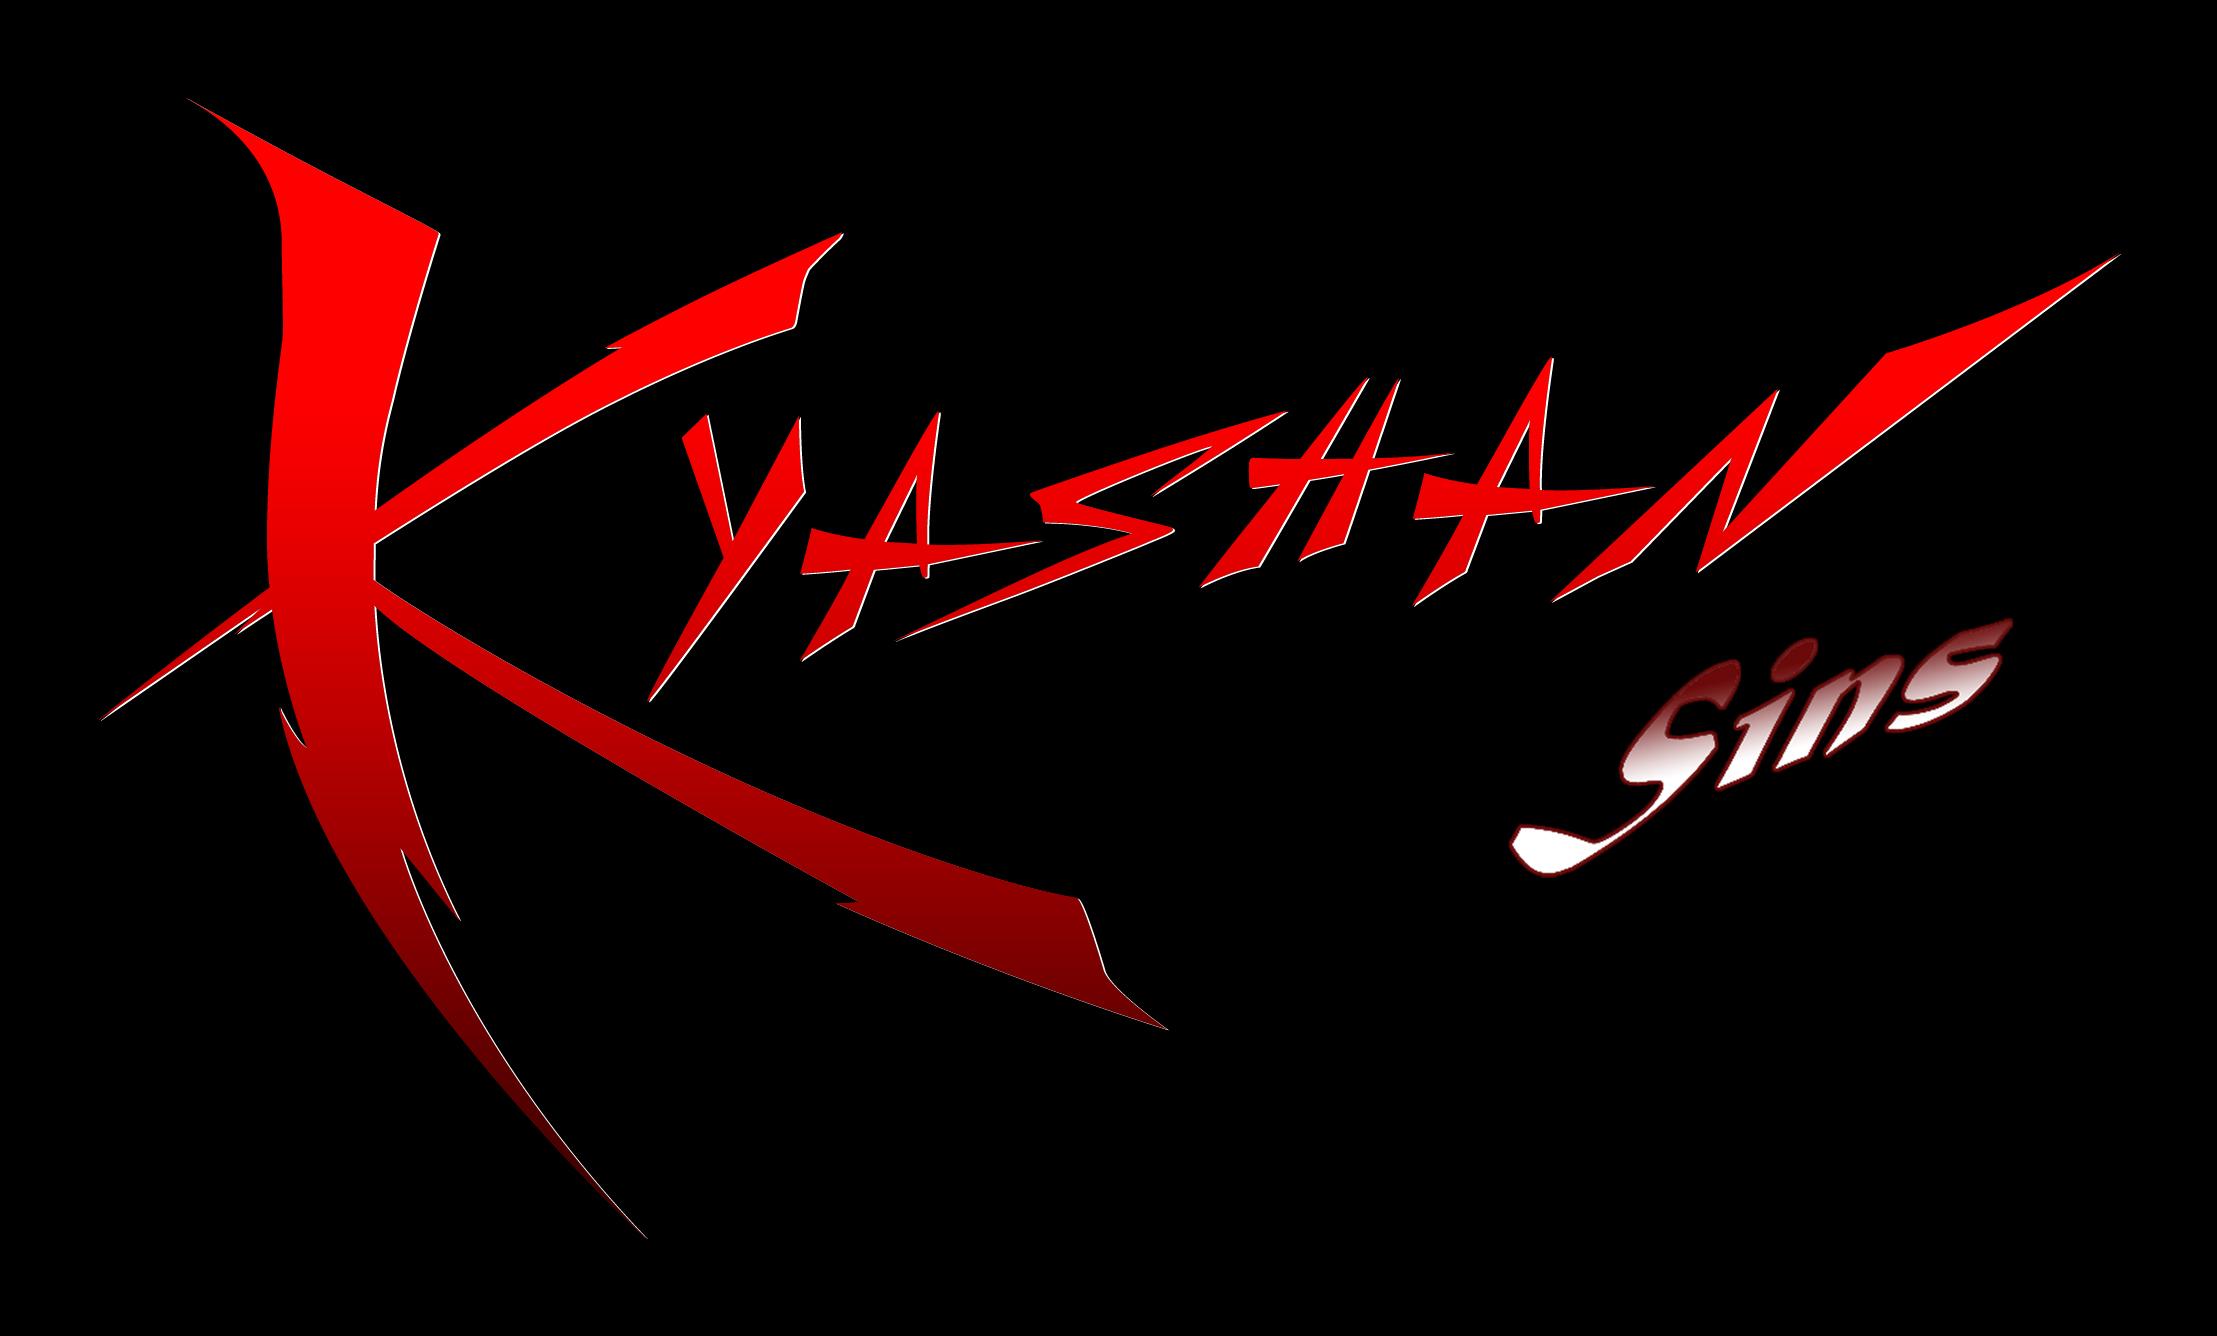 Kyashan sins